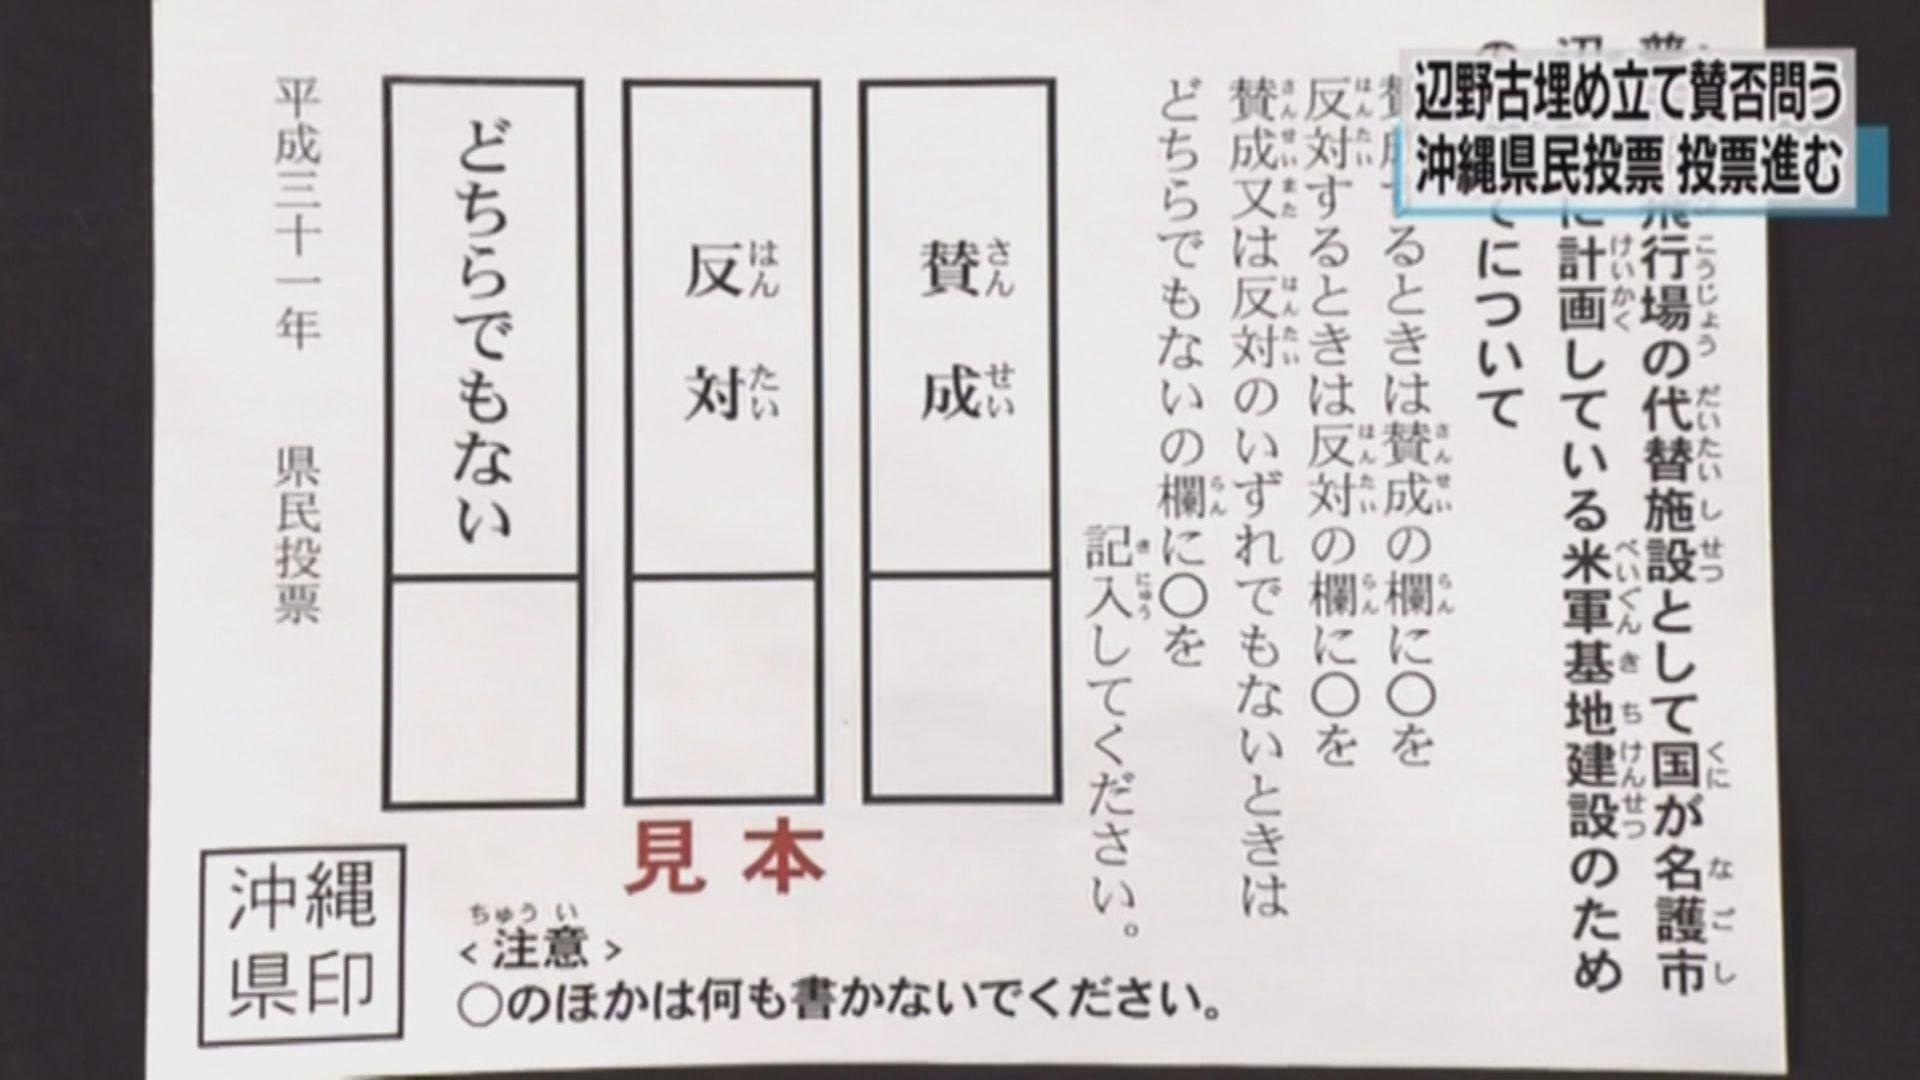 沖繩縣就美軍搬遷基地舉行公投